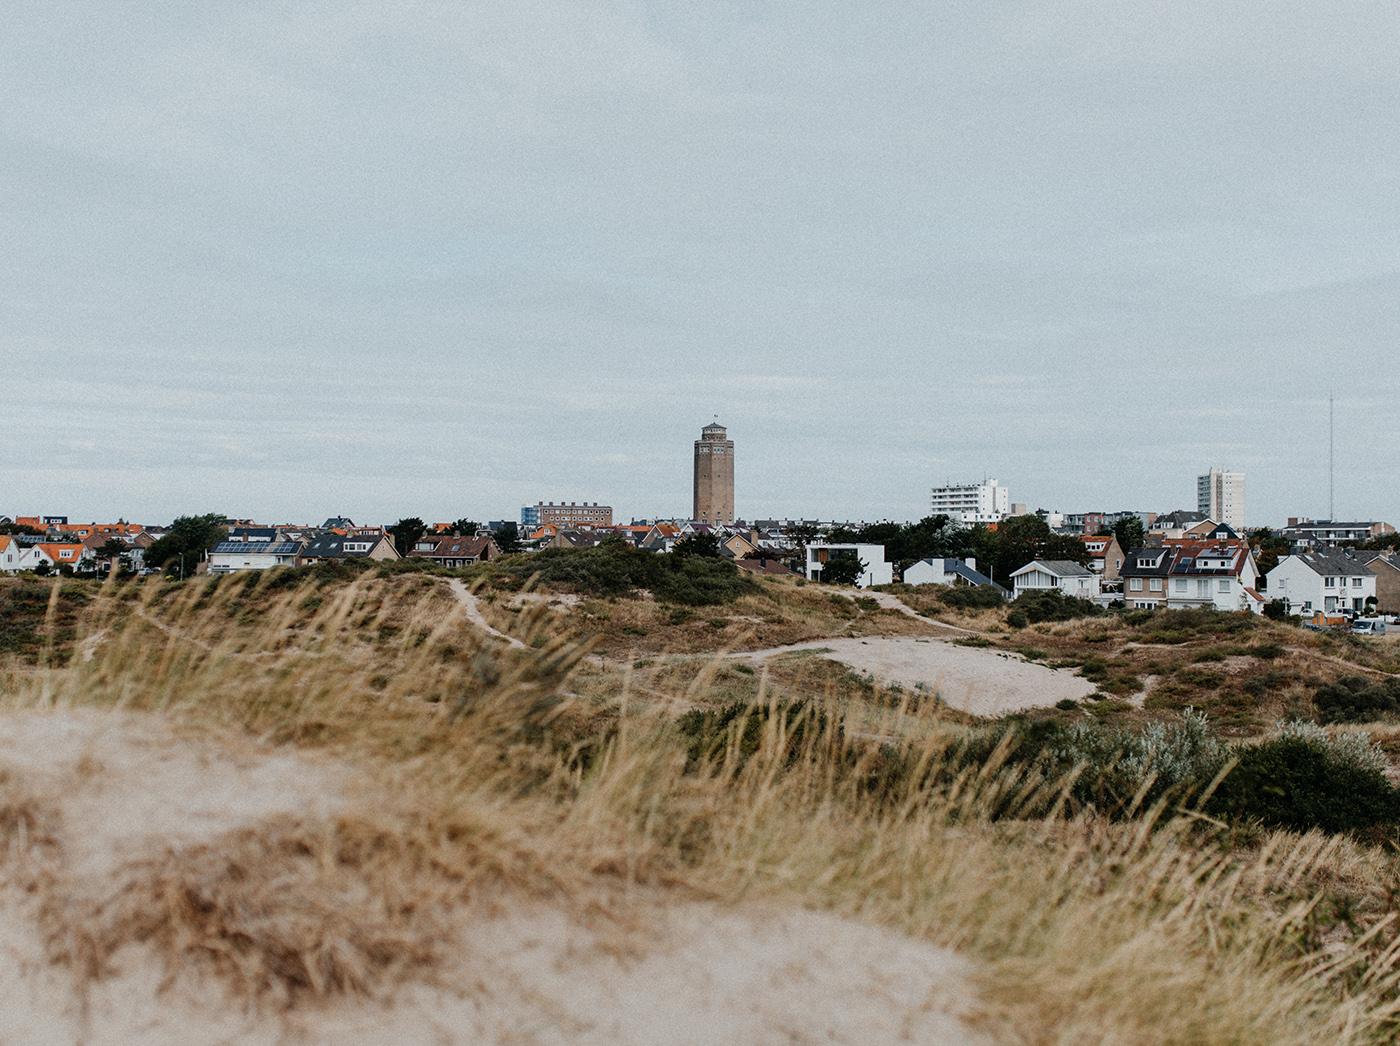 Traumanufaktur_Reisereportage_Niederlande_Zaandvoort_Urlaub_mit_Hund_24.jpg